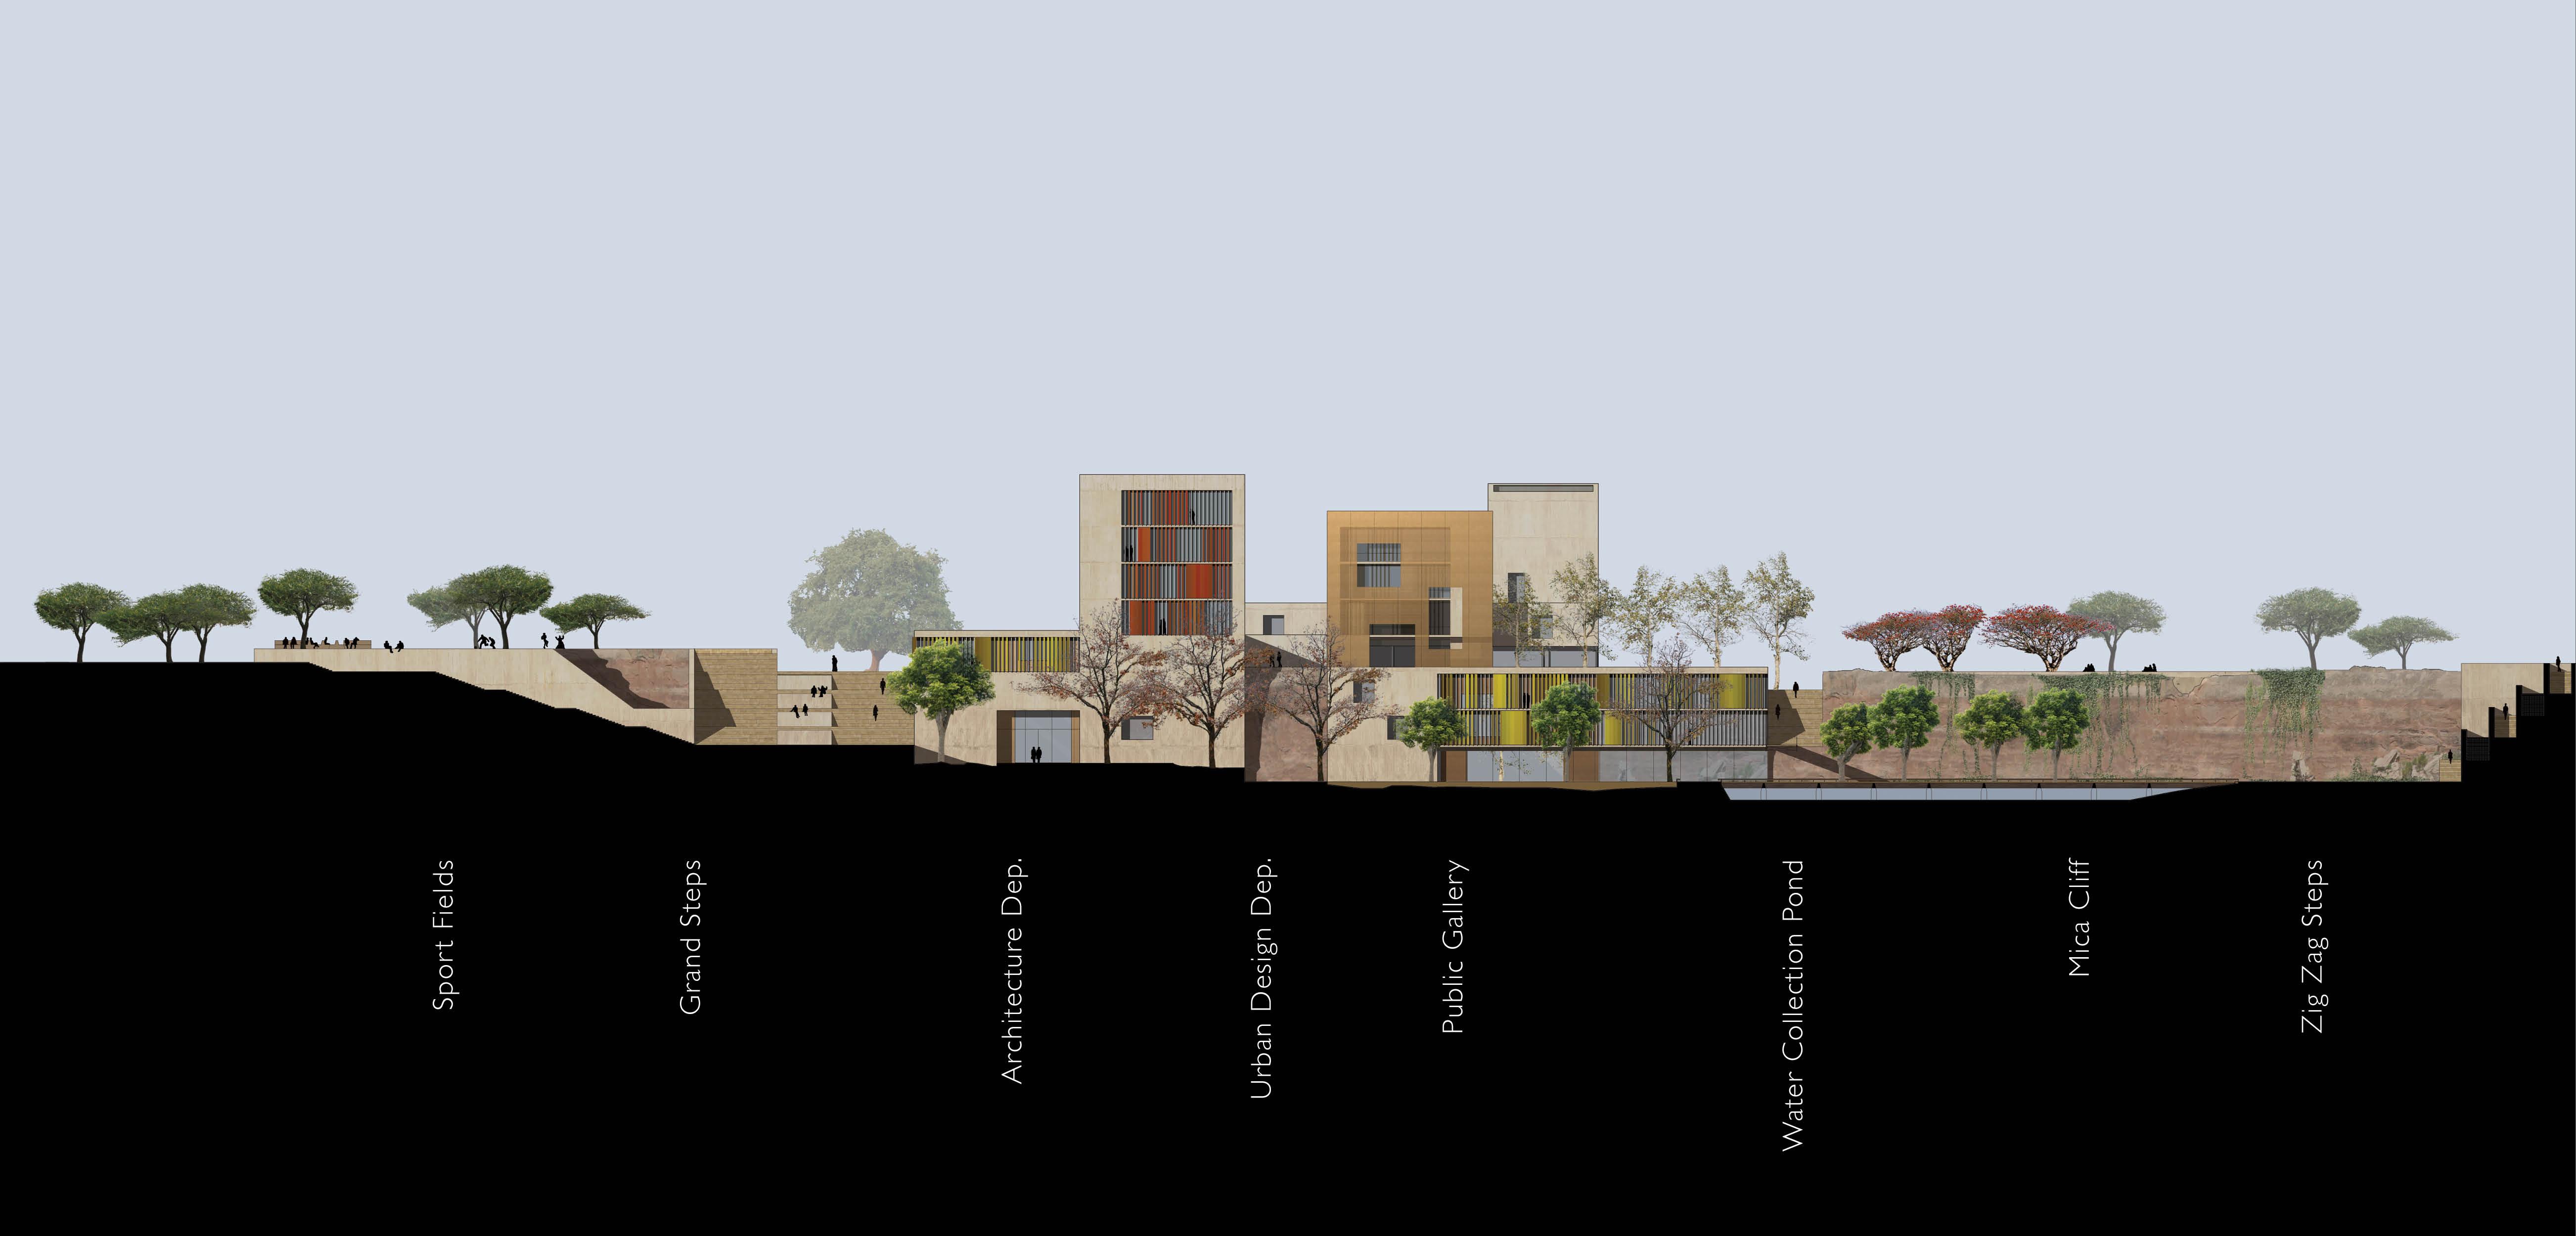 spa delhi competition design elevation school design